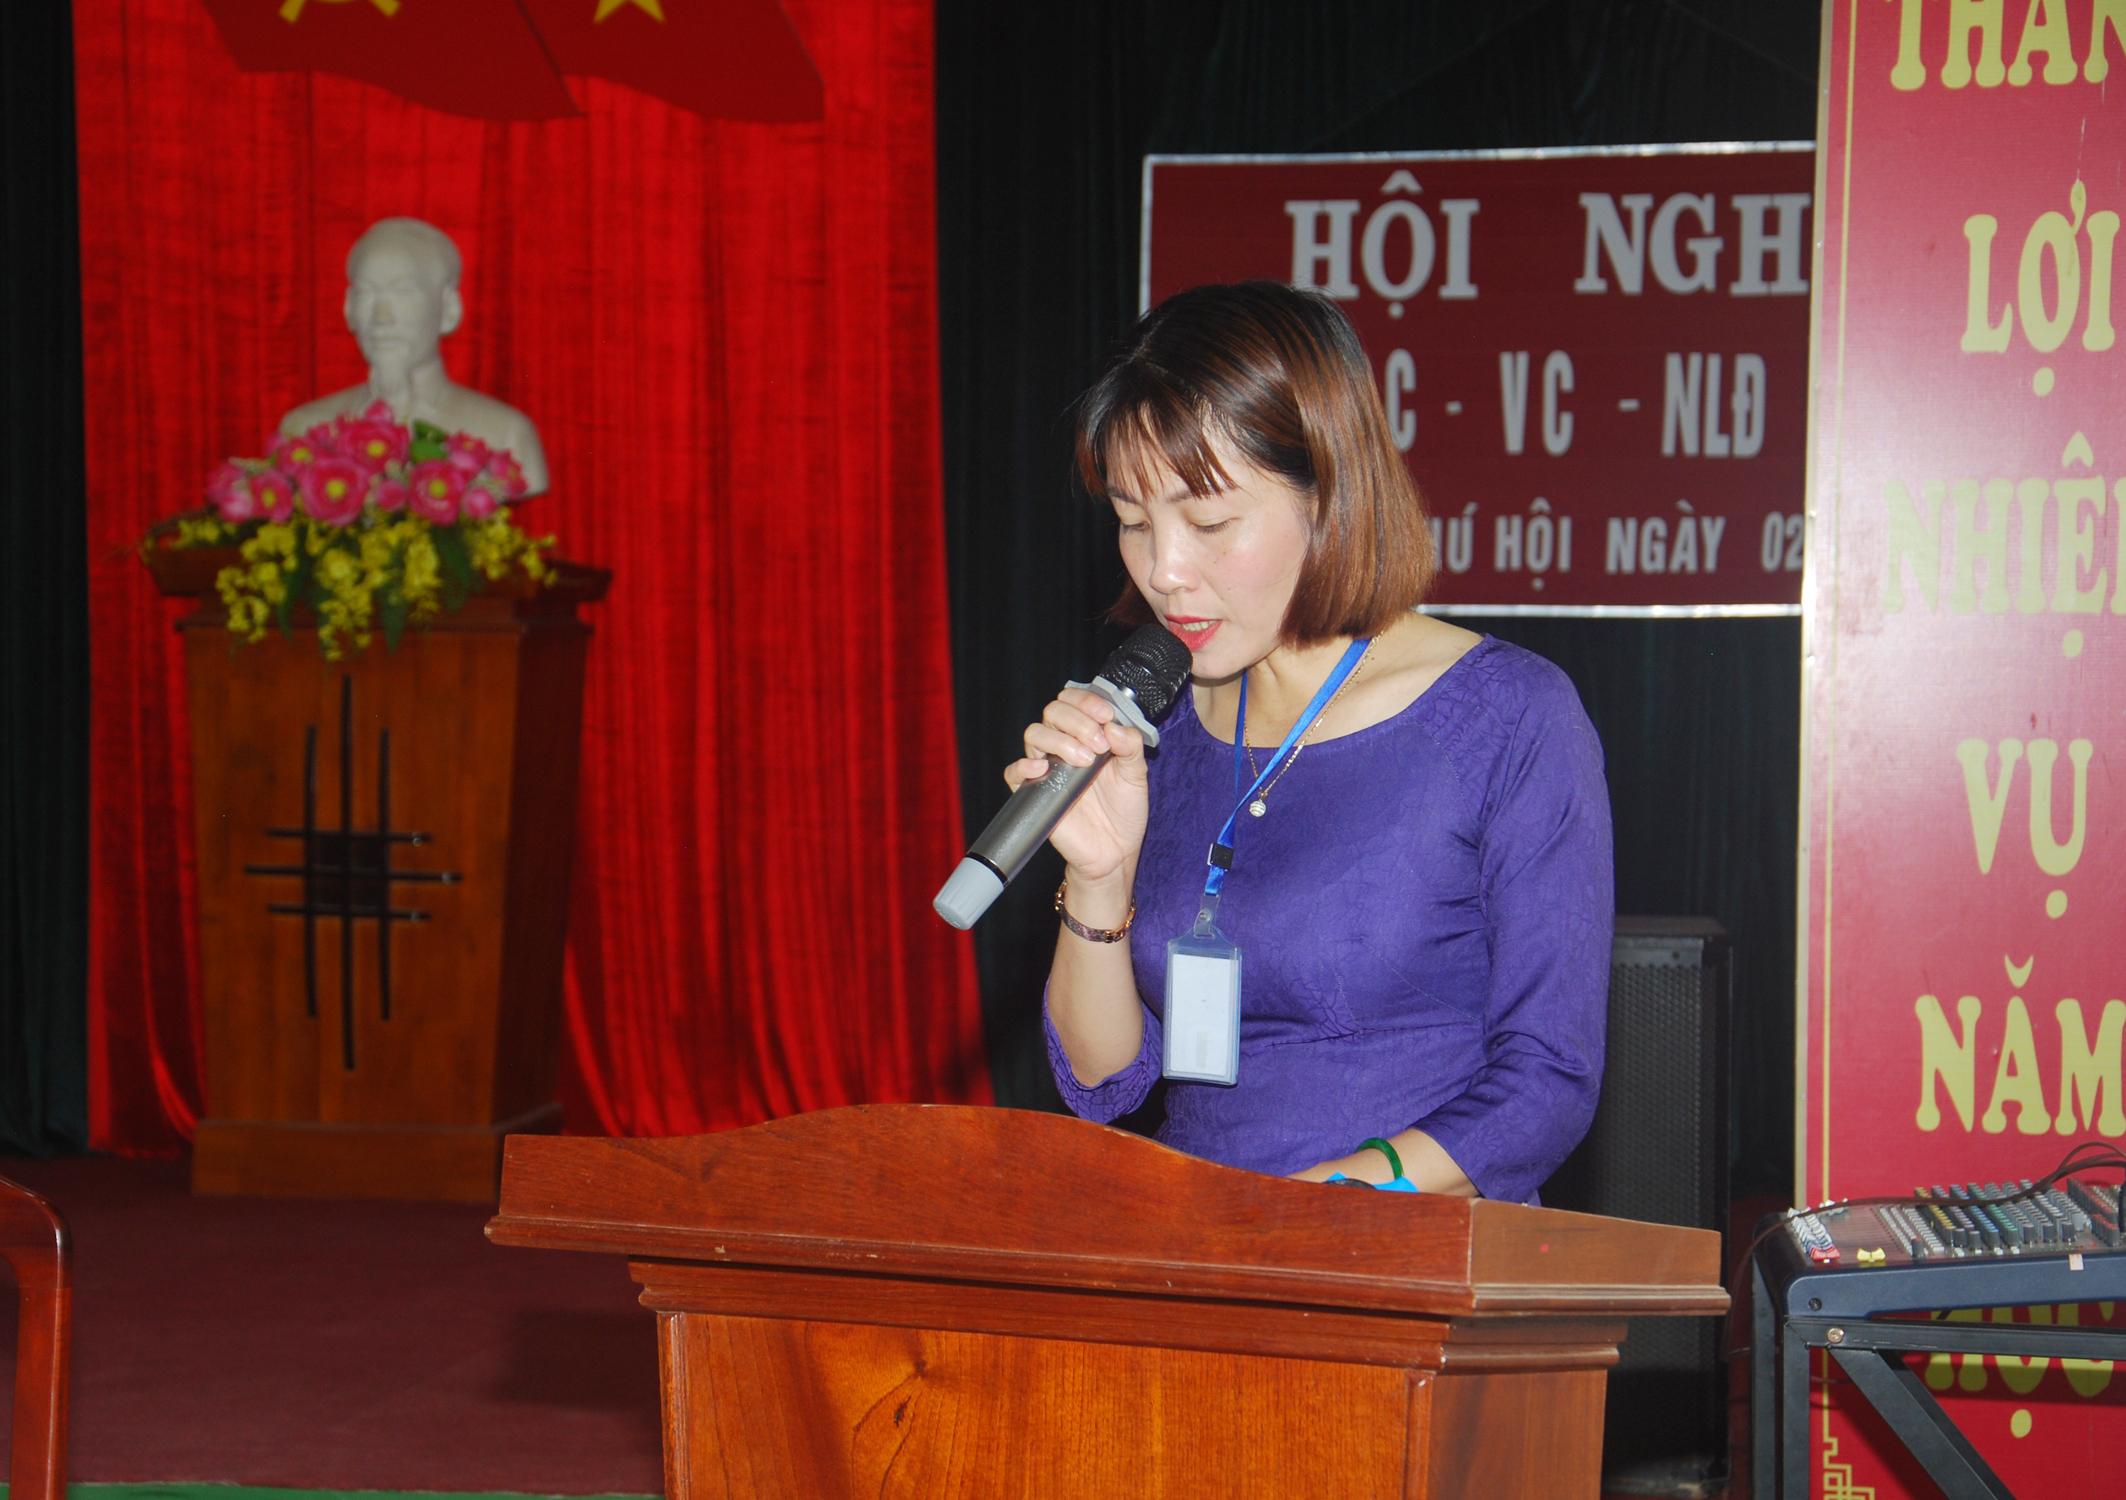 Hội Nghị Công Chức – Viên Chức – Người Lao Động Năm Học 2020 – 2021